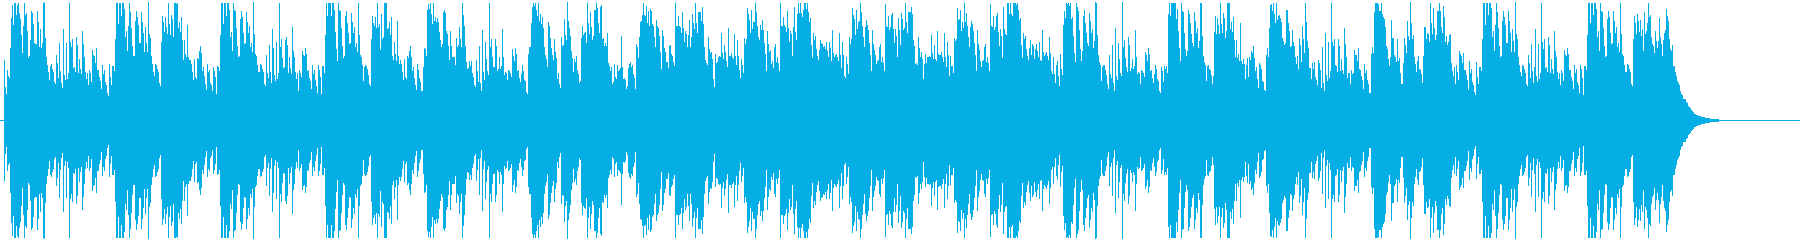 お洒落で大人な雰囲気あるオルゴールの再生済みの波形